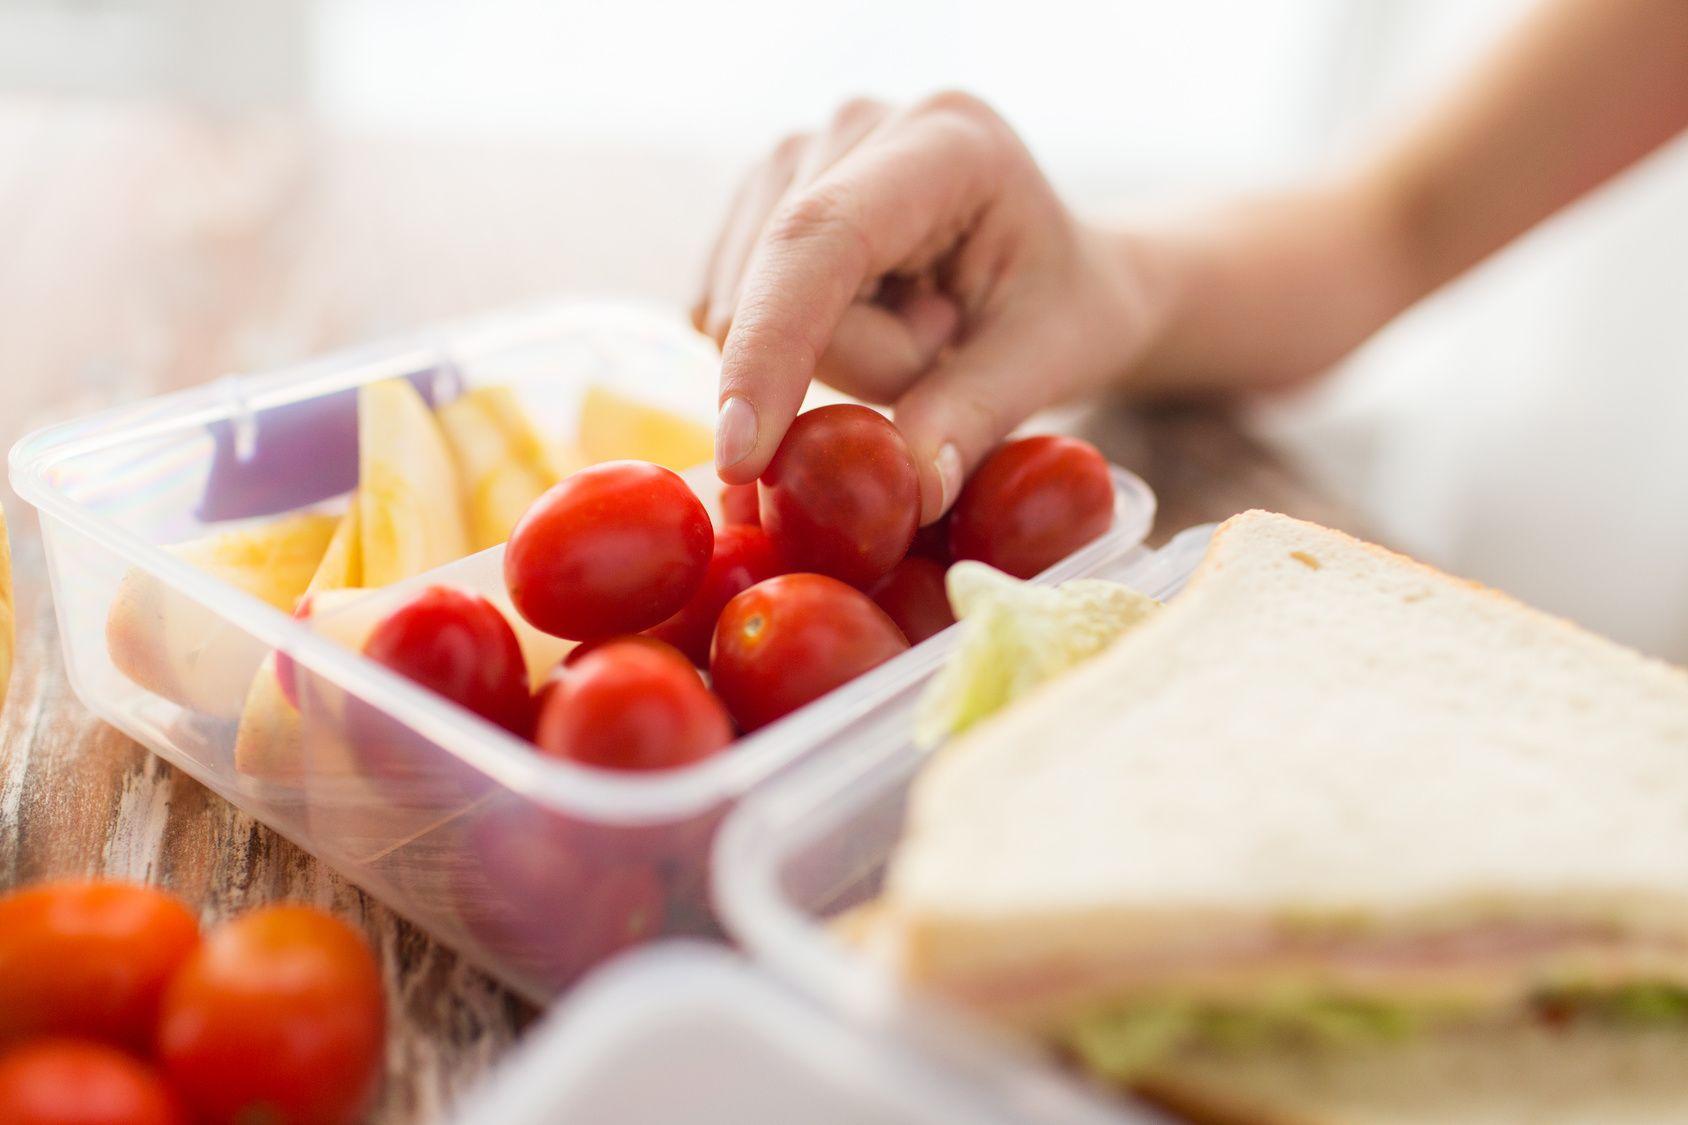 Tee+nämä+10+asiaa+keittiössäsi+–+auttaa+laihduttamaan